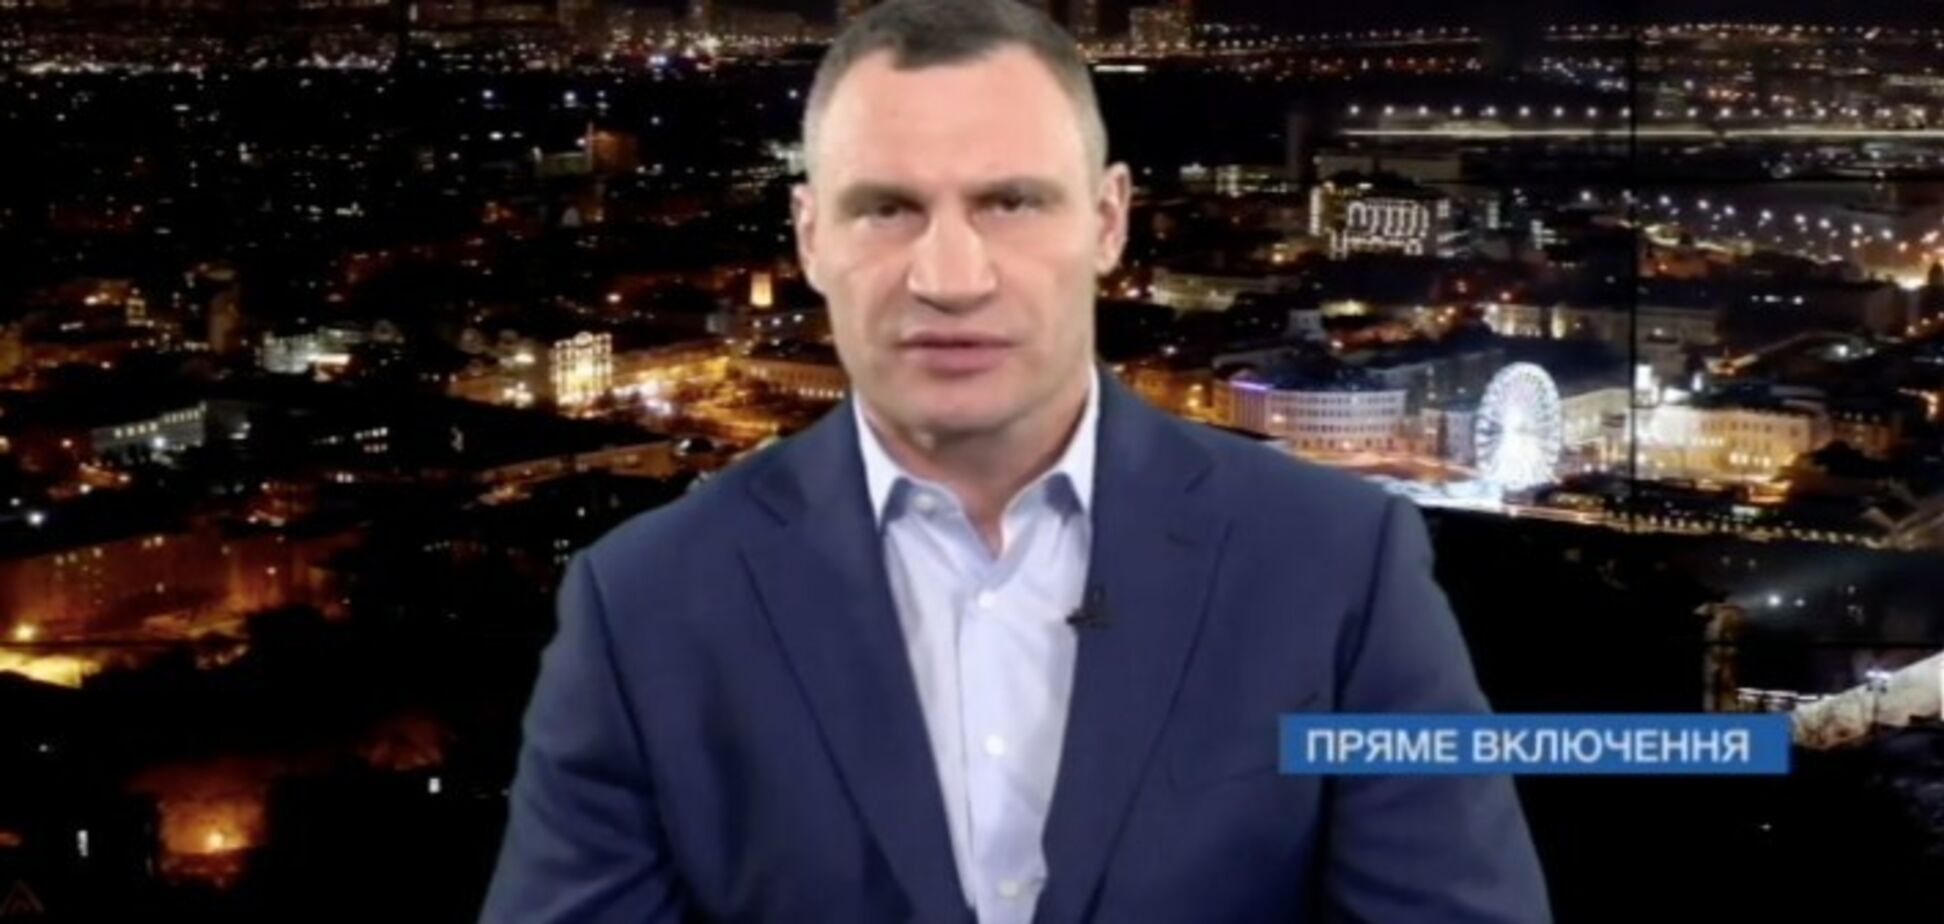 Кличко заявил о попытке его дискредитировать